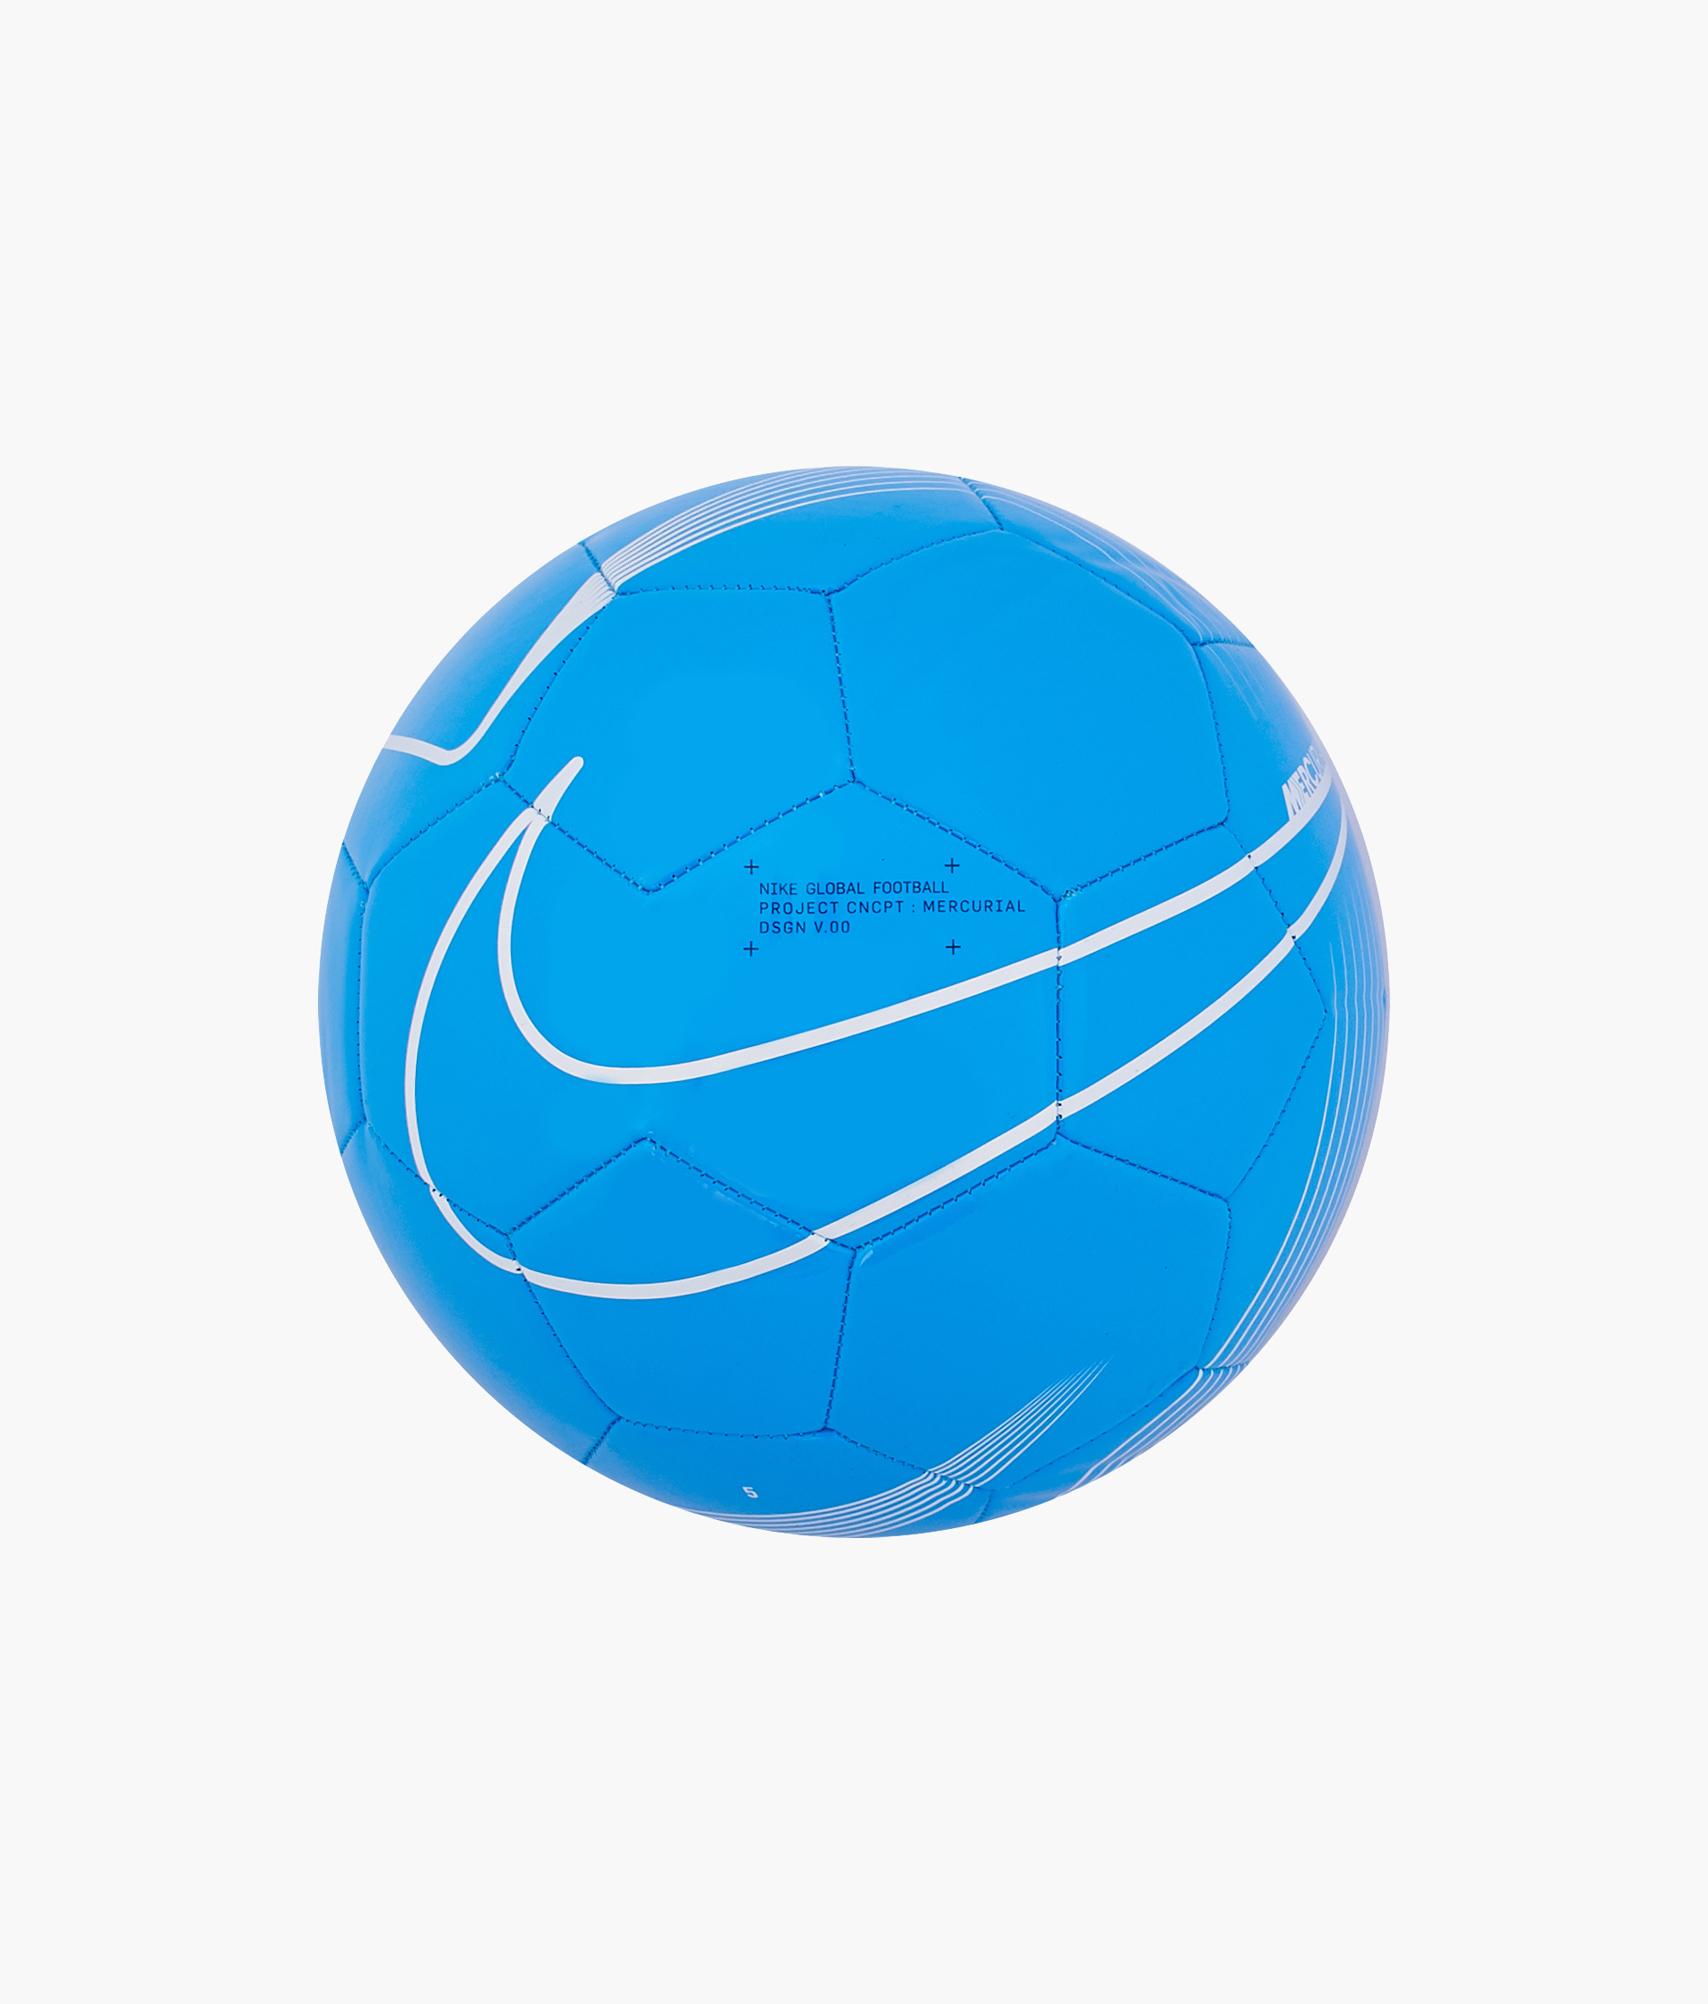 Мяч Nike Mercurial Fade Nike nike мяч nk merc fade